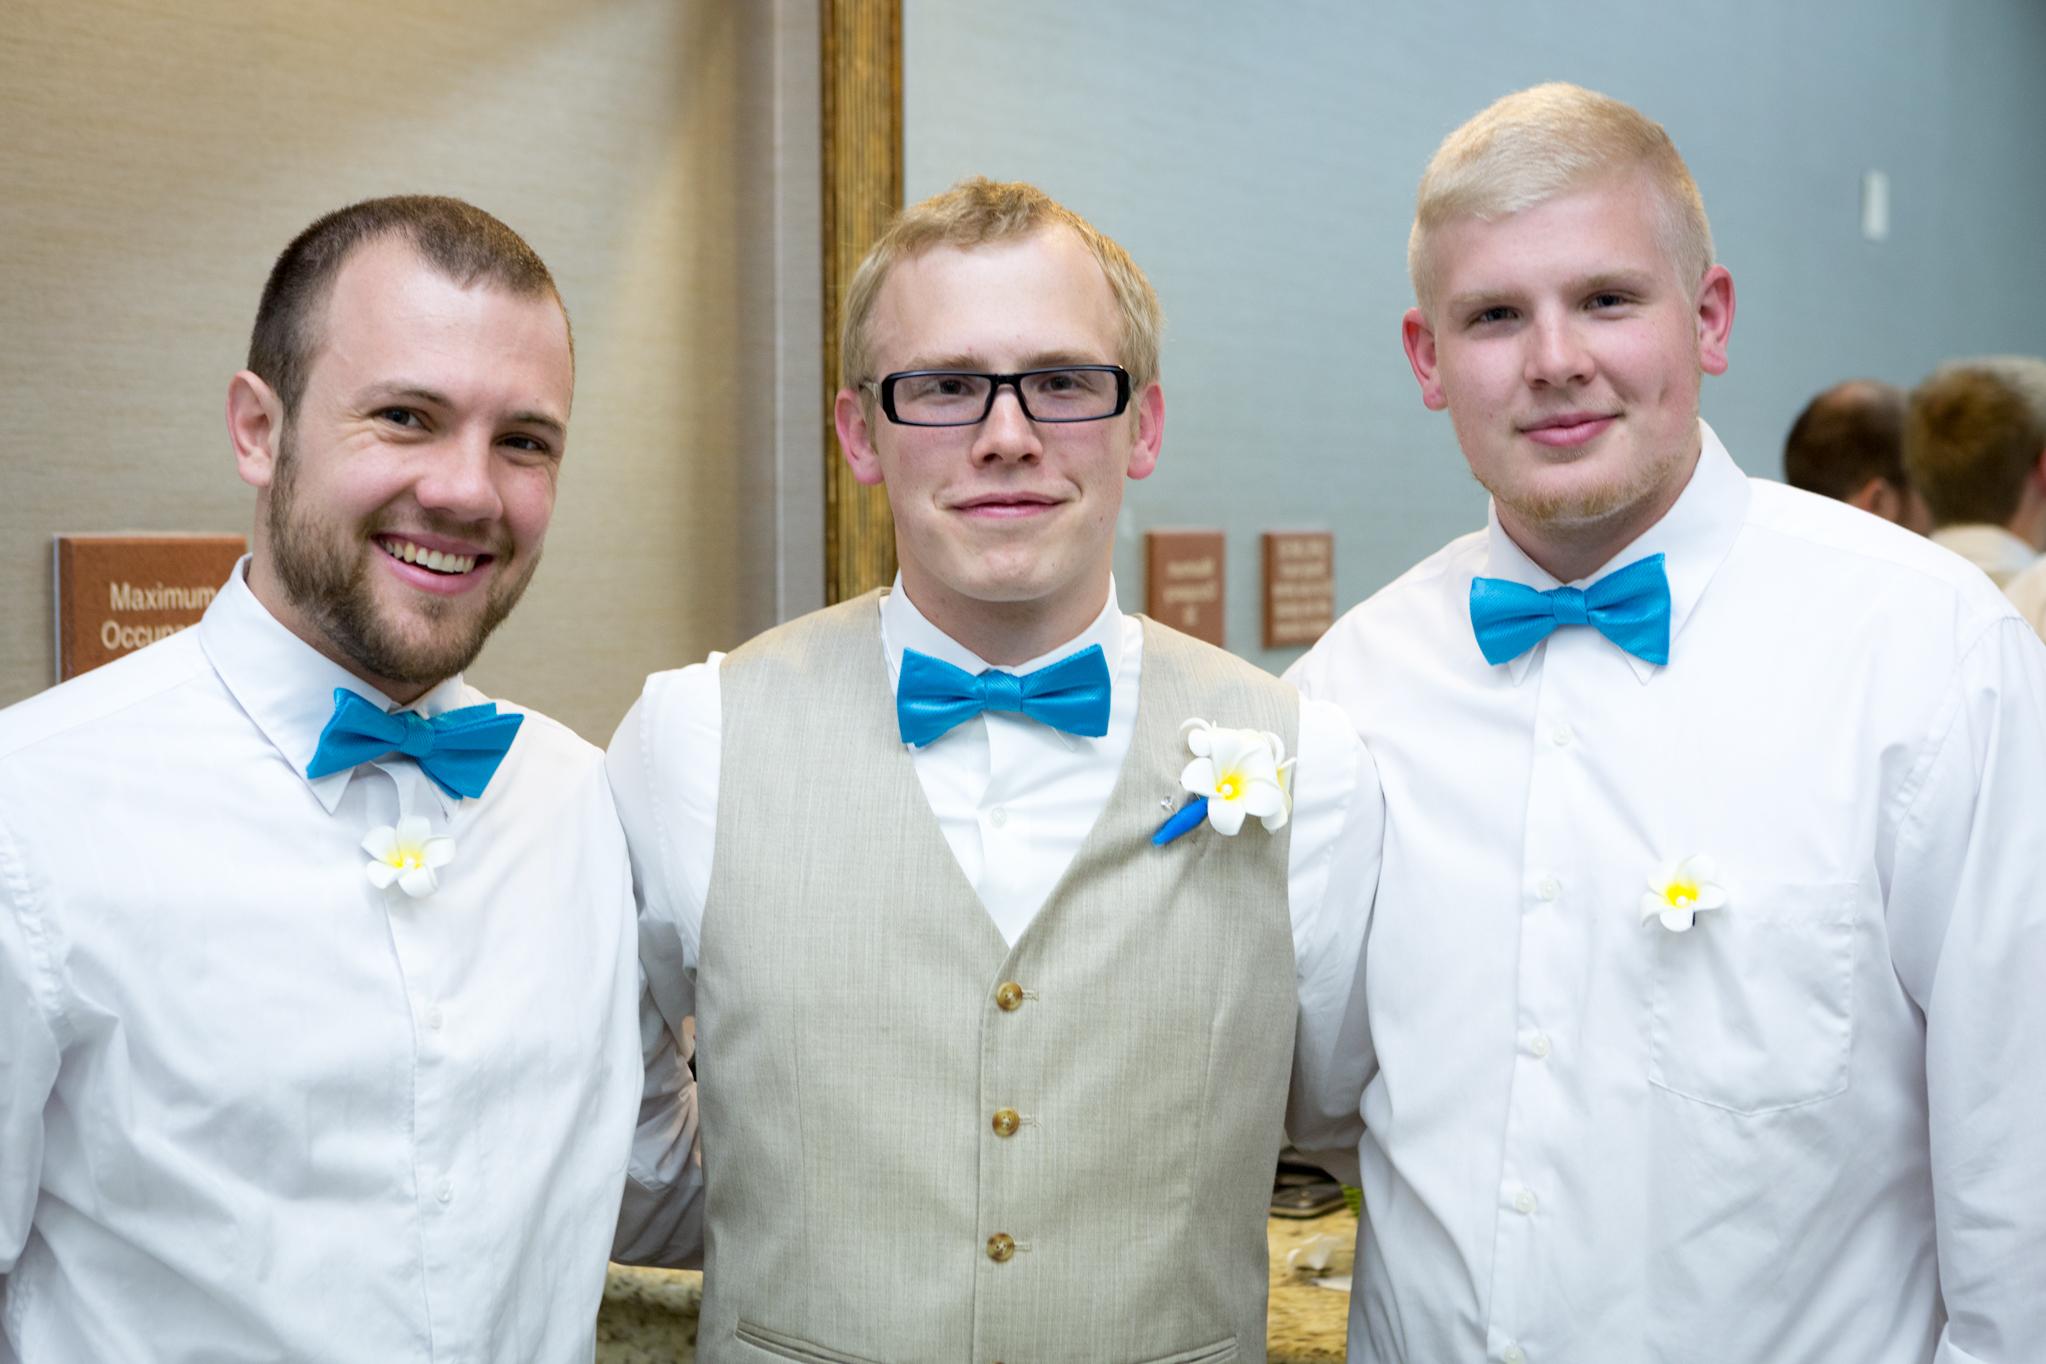 groom_getting_ready_ring_wedding_2.jpg